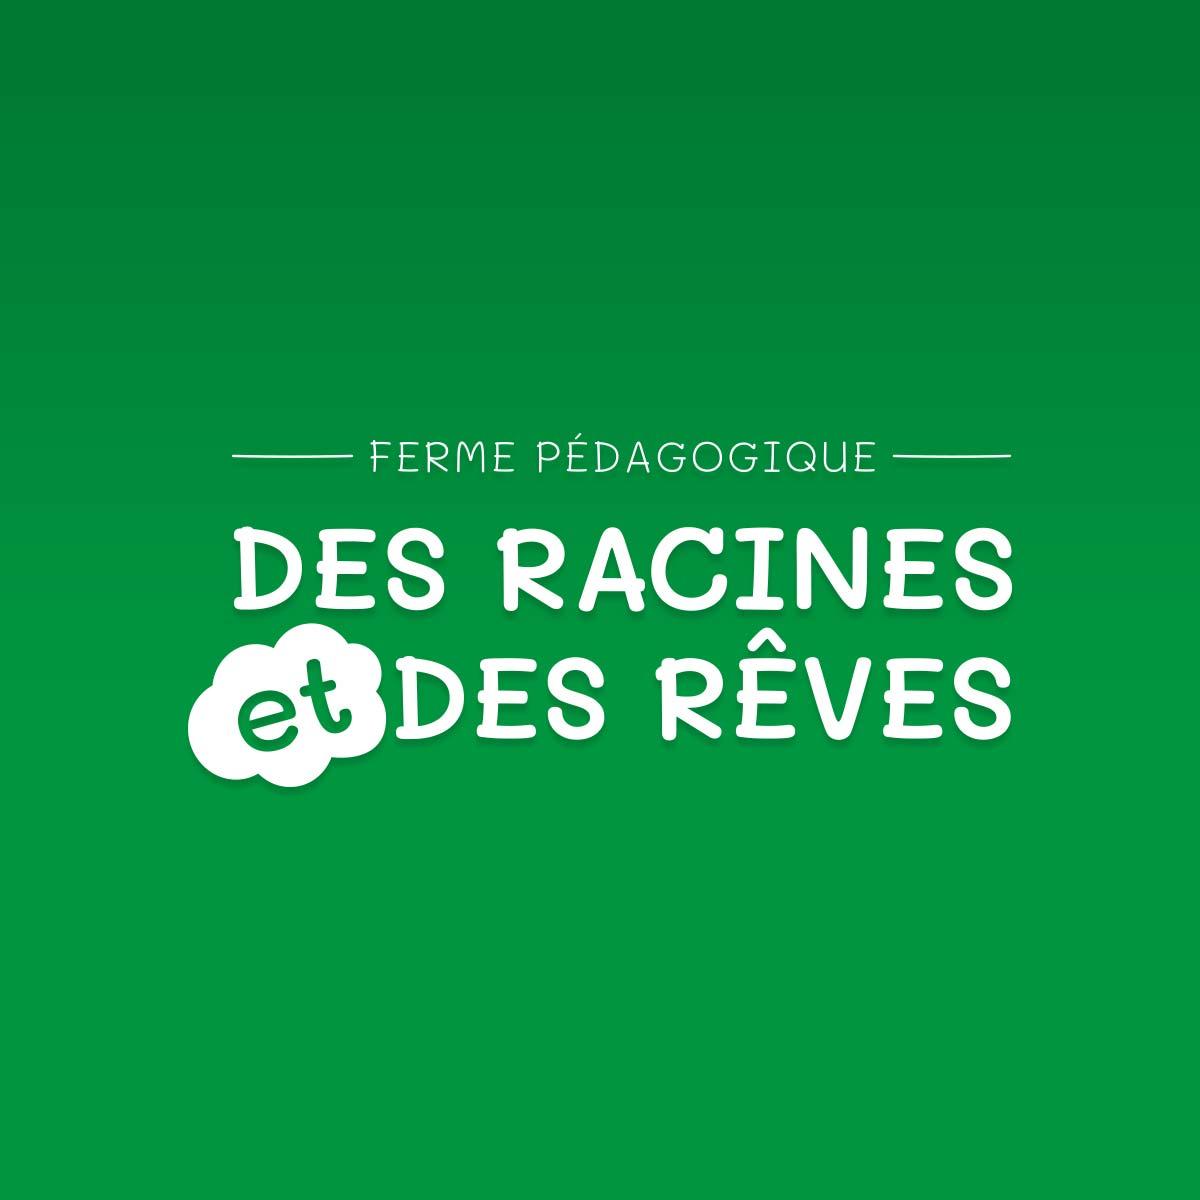 Logo de la ferme pédagogique sur fond vert